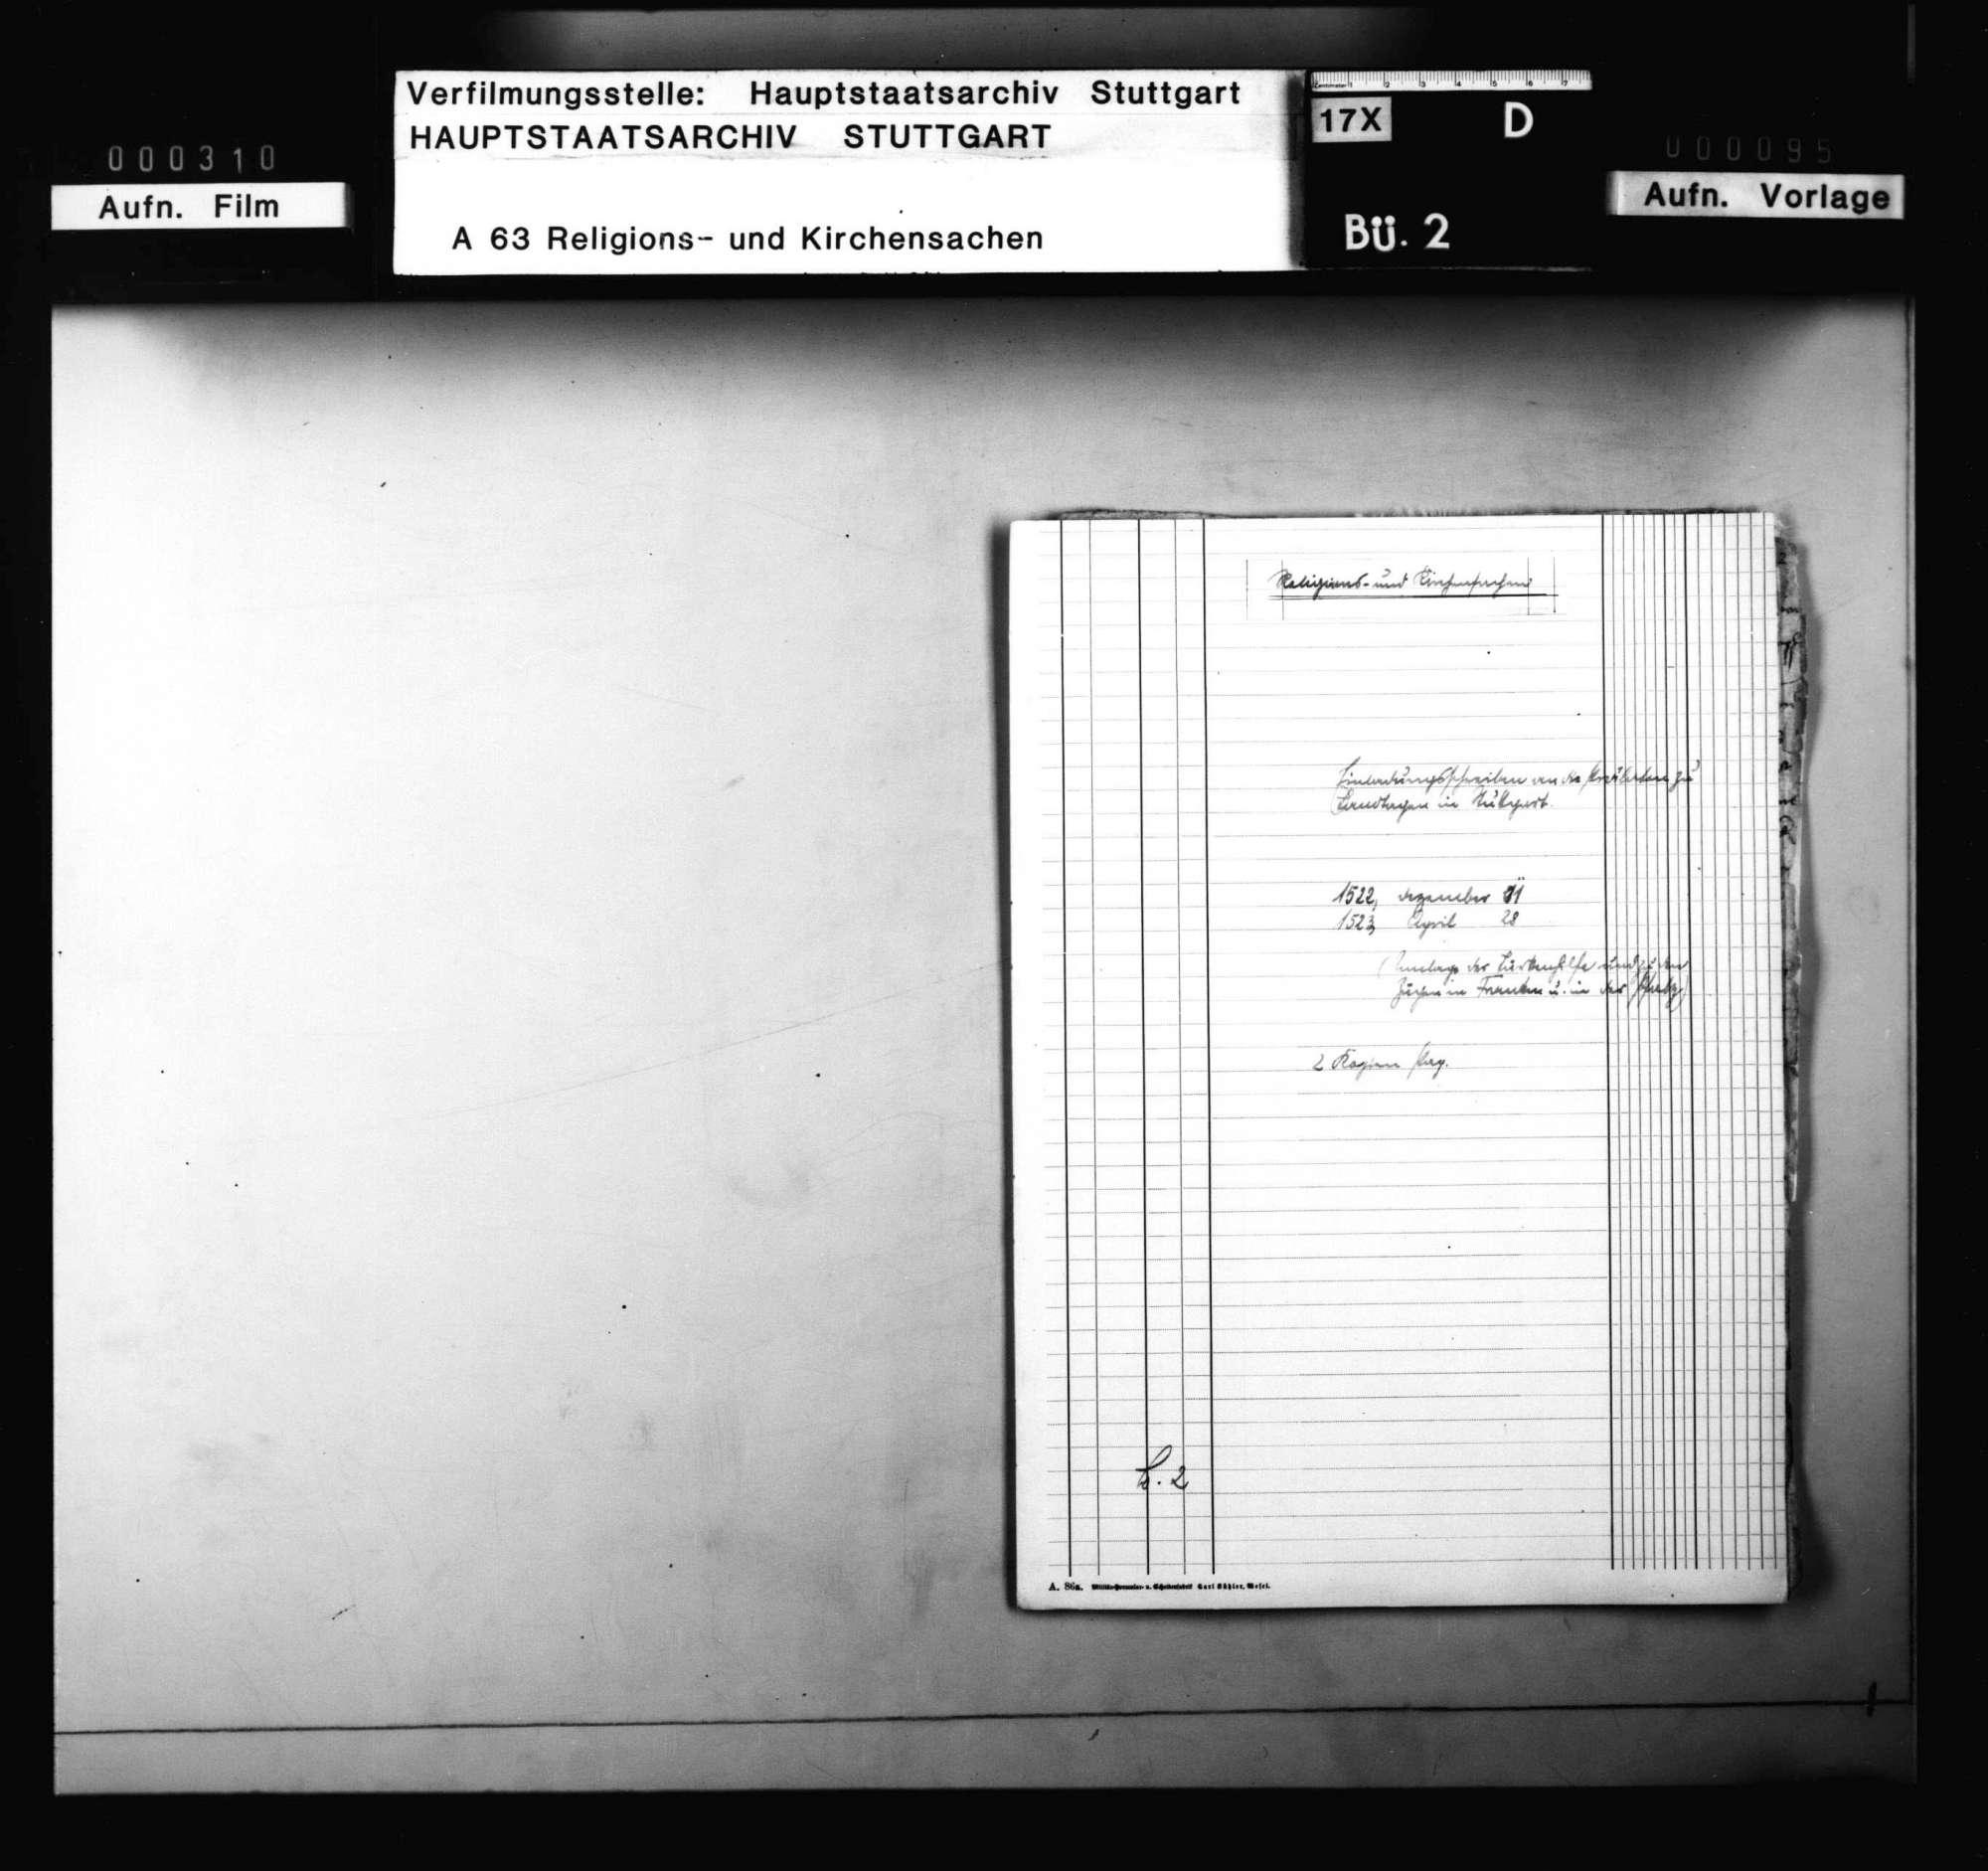 Einladungsschreiben an die Prälaten zu Landtagen in Stuttgart, die Umlage wegen der Türkenhilfe und zu den Zügen in Franken und der Pfalz betreffend, Bild 1